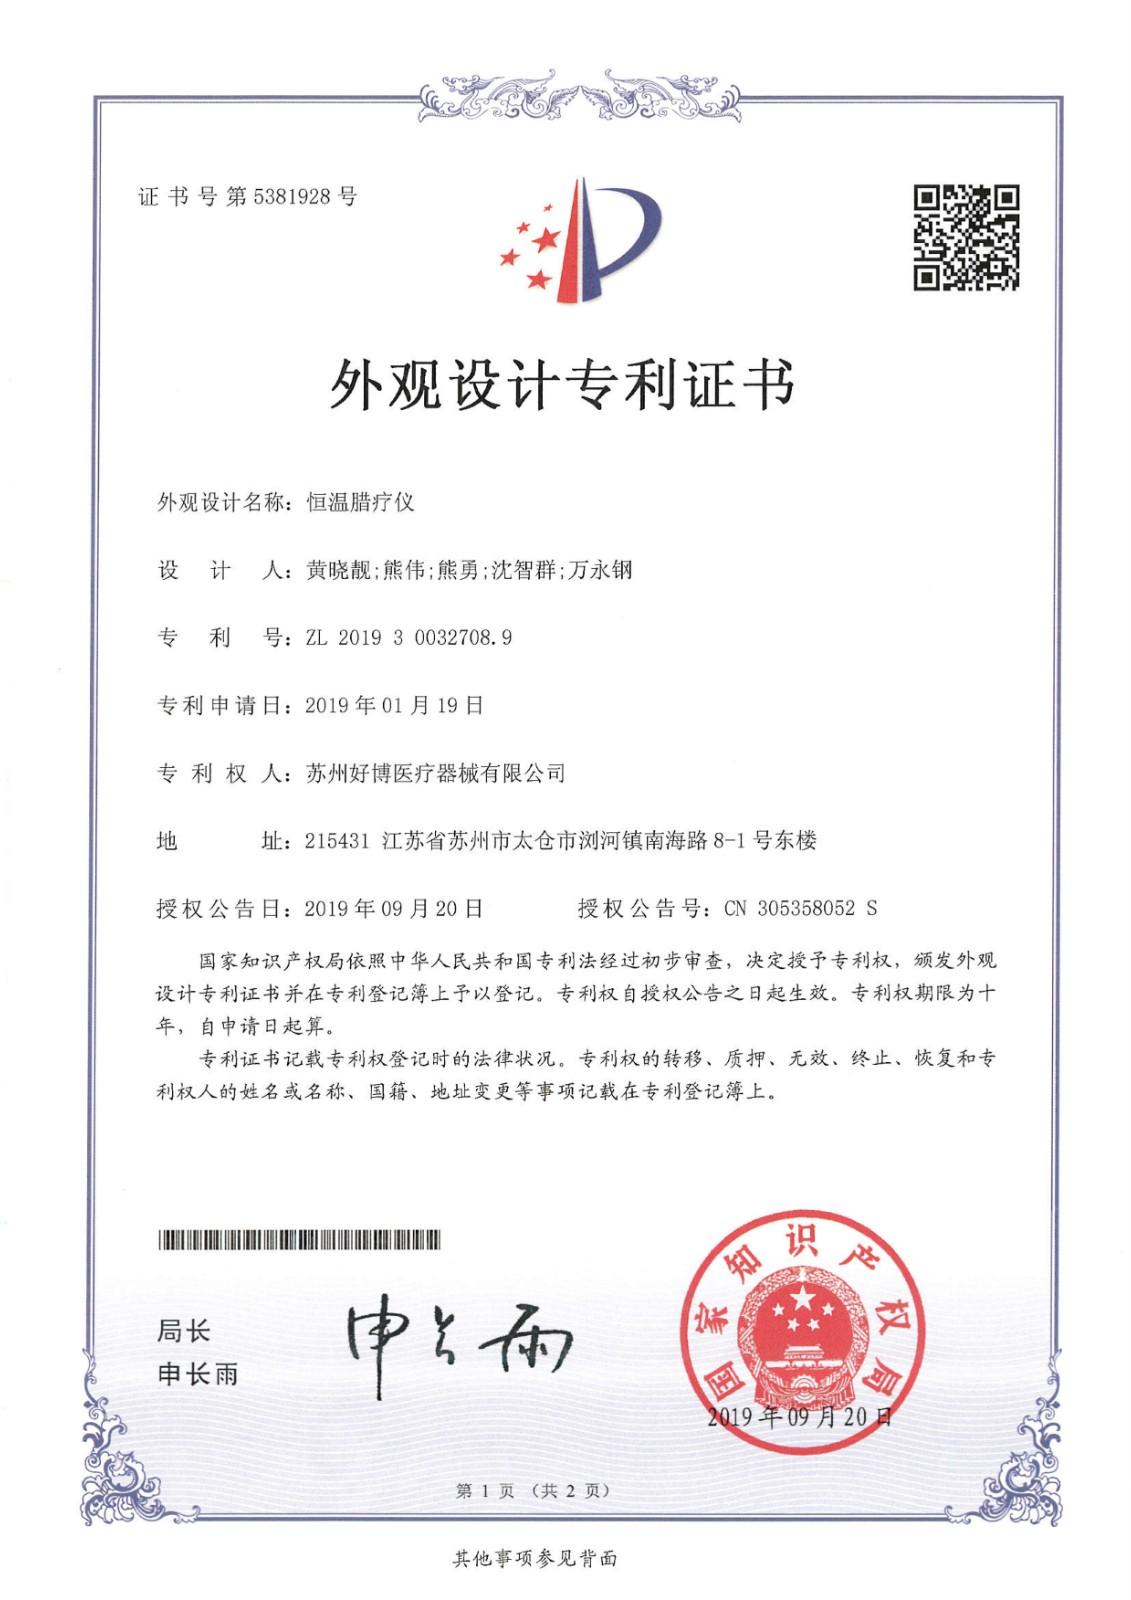 A-018-36 外观设计专利证书 恒温腊疗仪 (证书号第5381928号)-1修改后.jpg